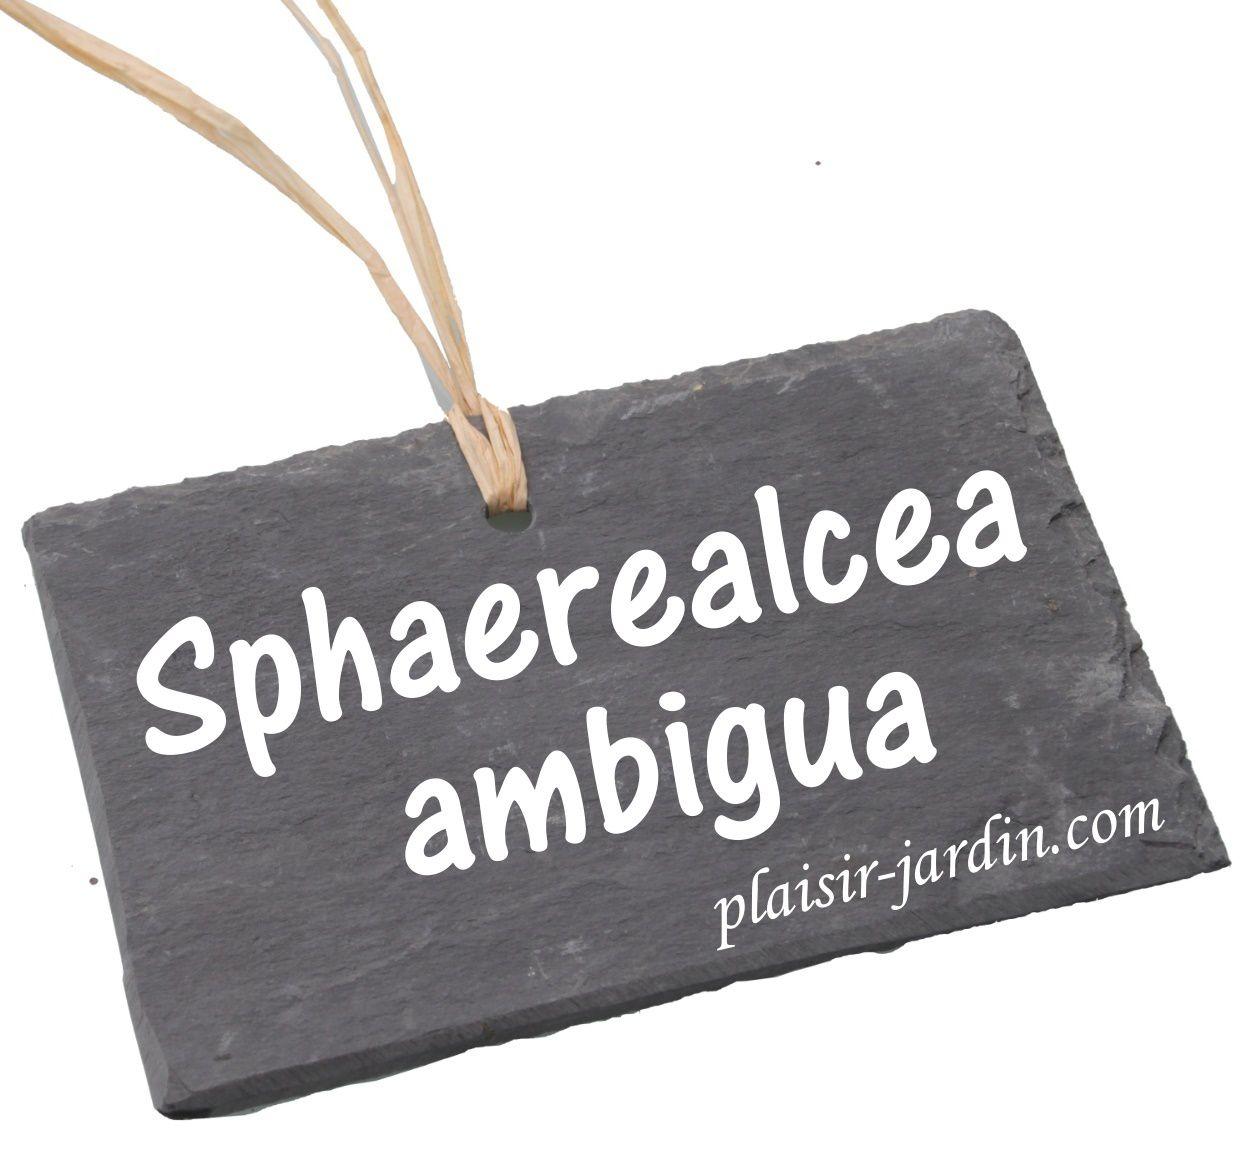 Le Sphaerealcea ambigua